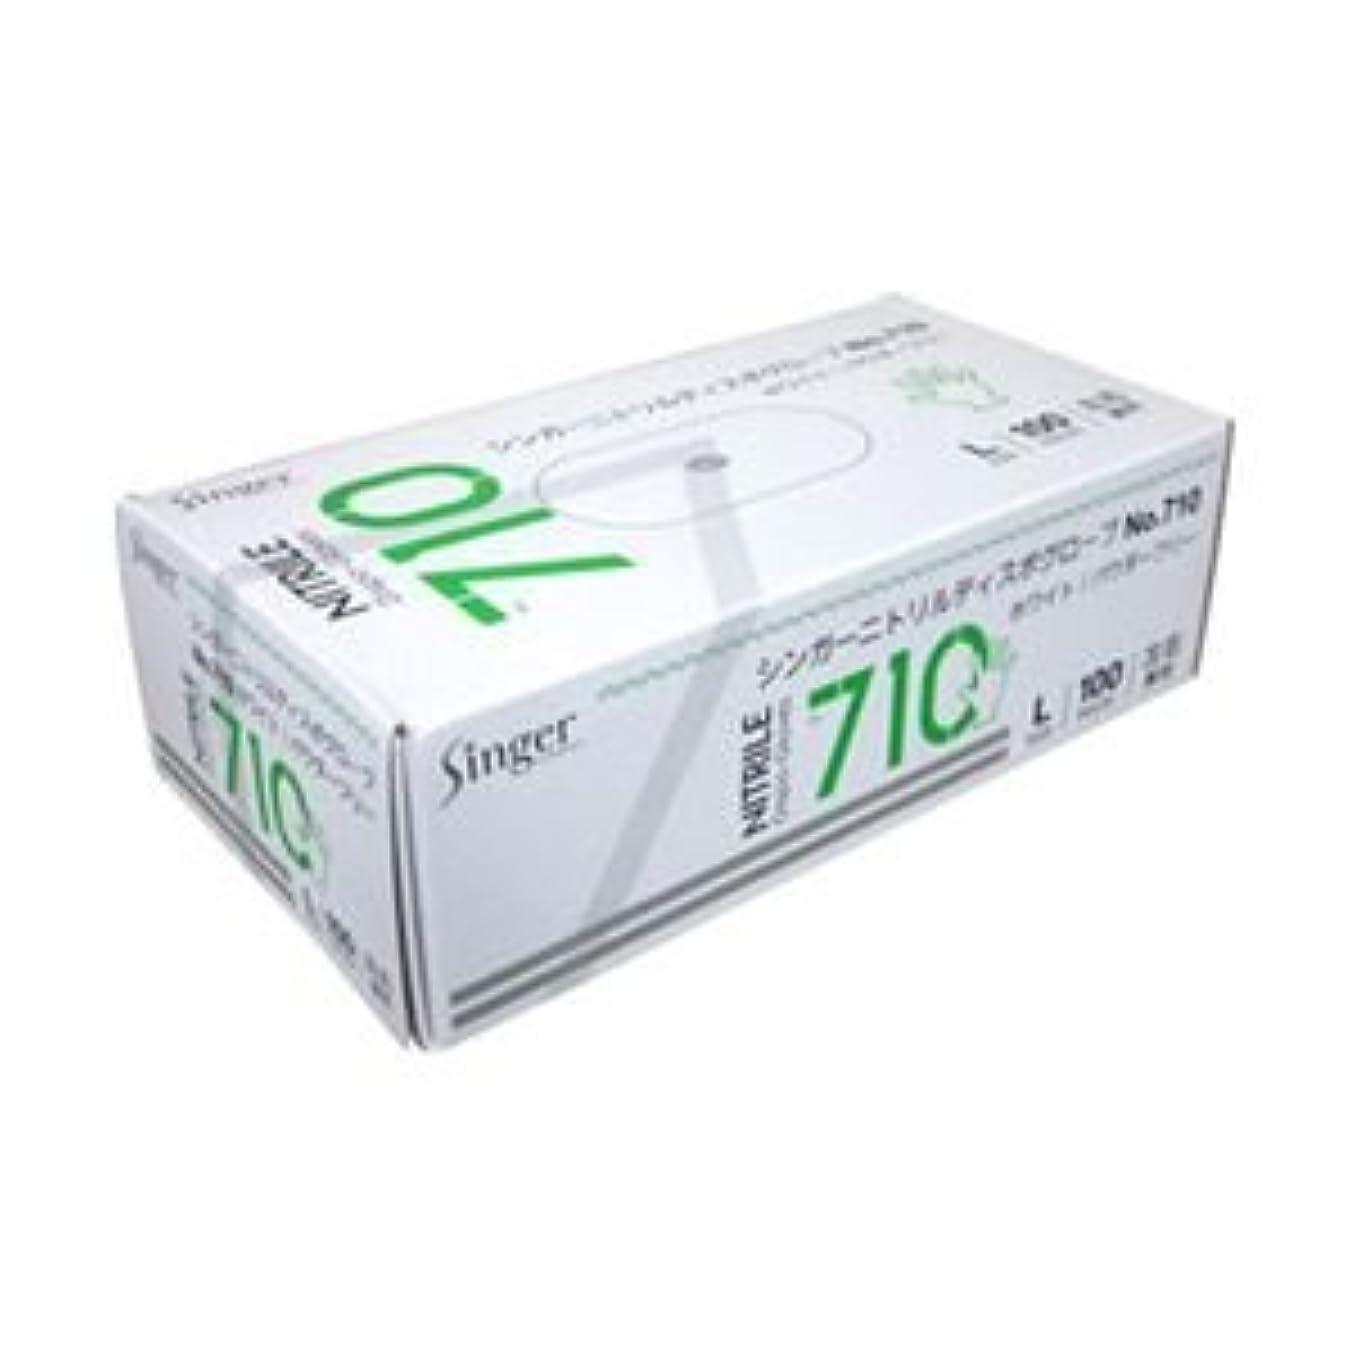 品揃え居住者学ぶ(業務用セット) ニトリル手袋 粉なし ホワイト L 1箱(100枚) 【×5セット】 ds-1642153